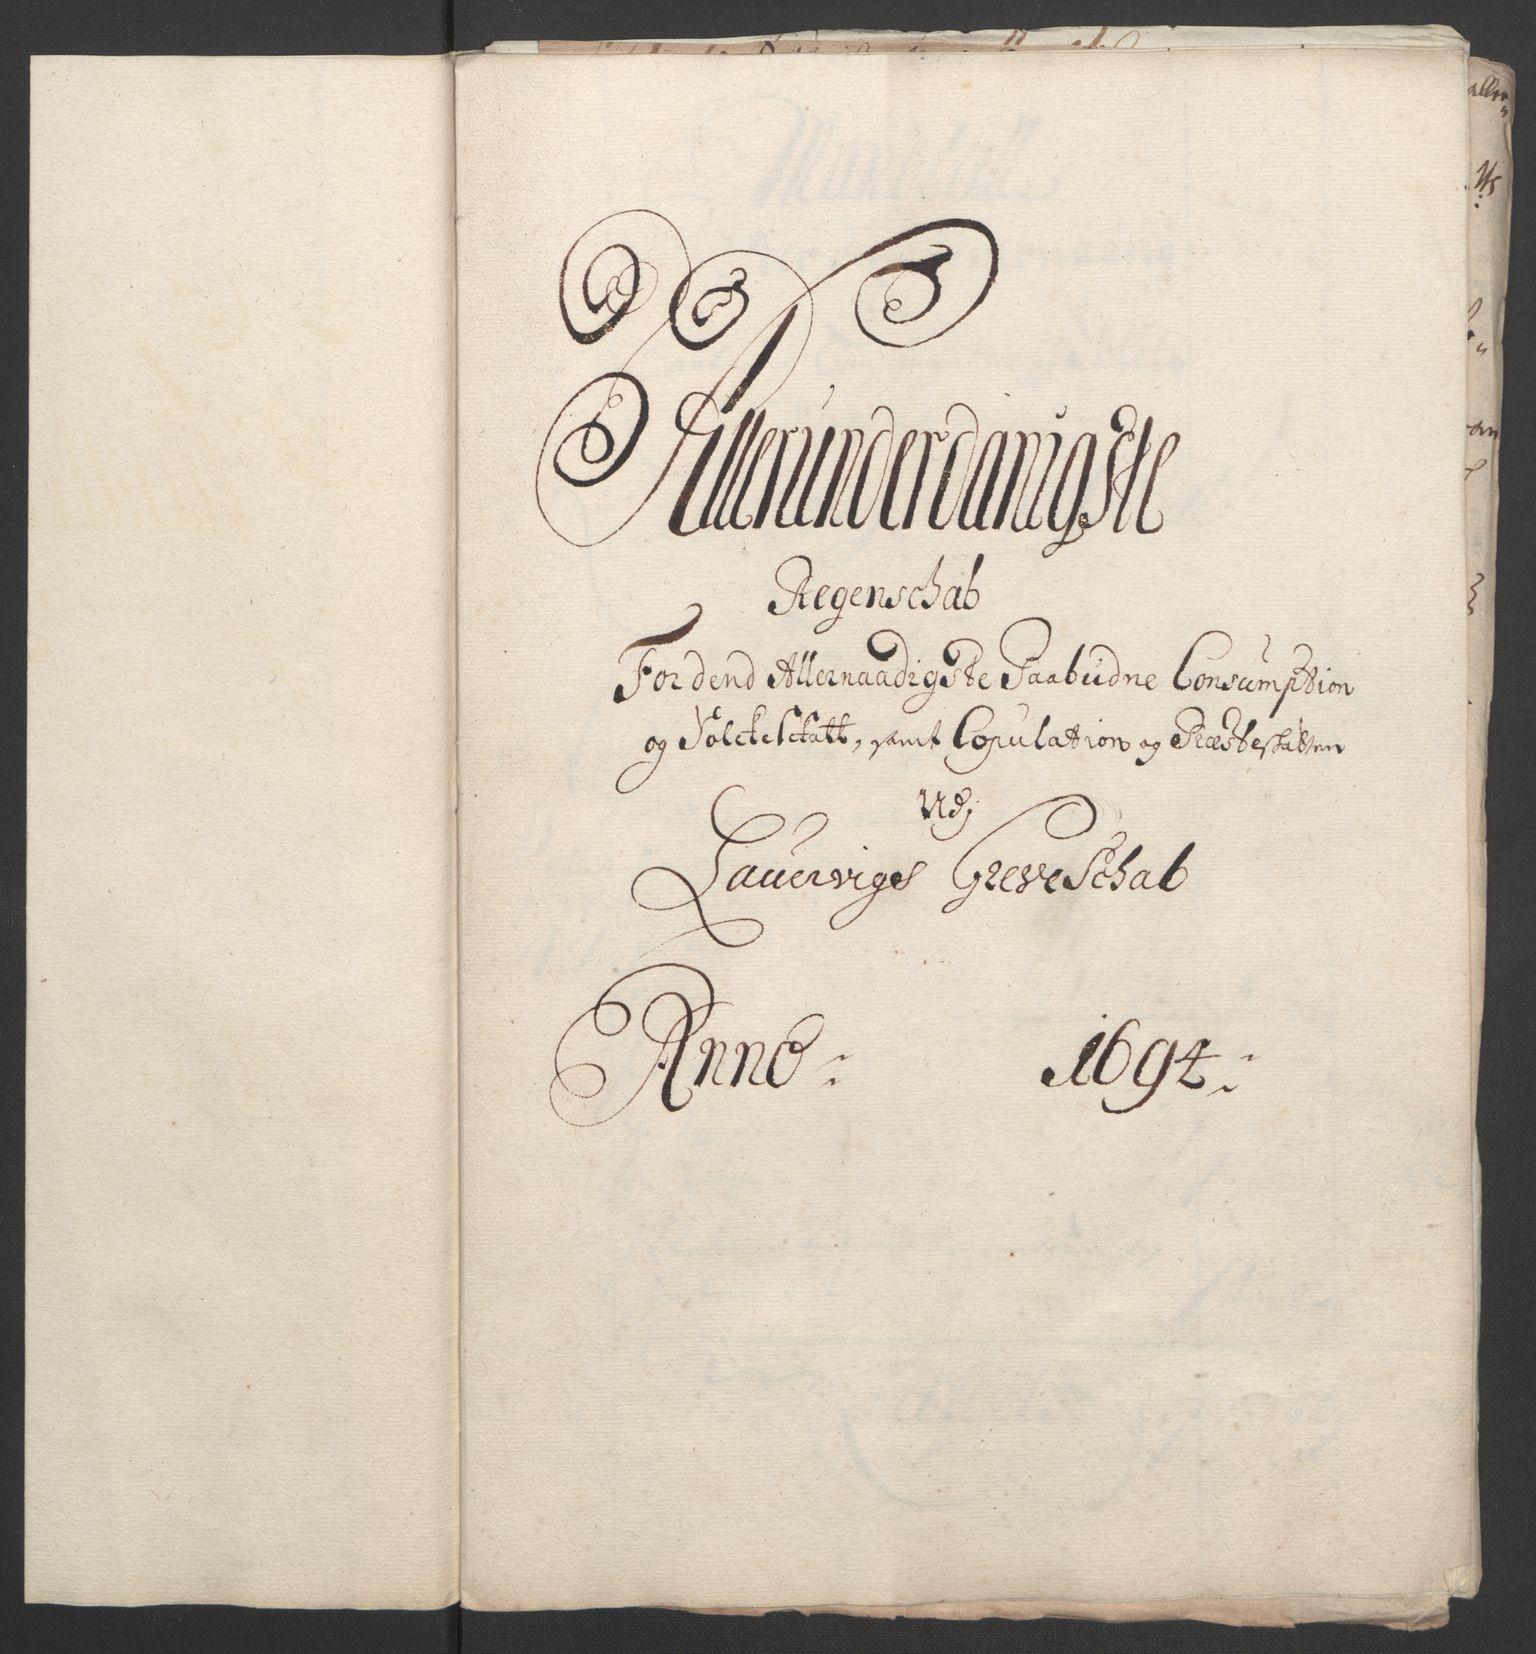 RA, Rentekammeret inntil 1814, Reviderte regnskaper, Fogderegnskap, R33/L1974: Fogderegnskap Larvik grevskap, 1693-1695, s. 150